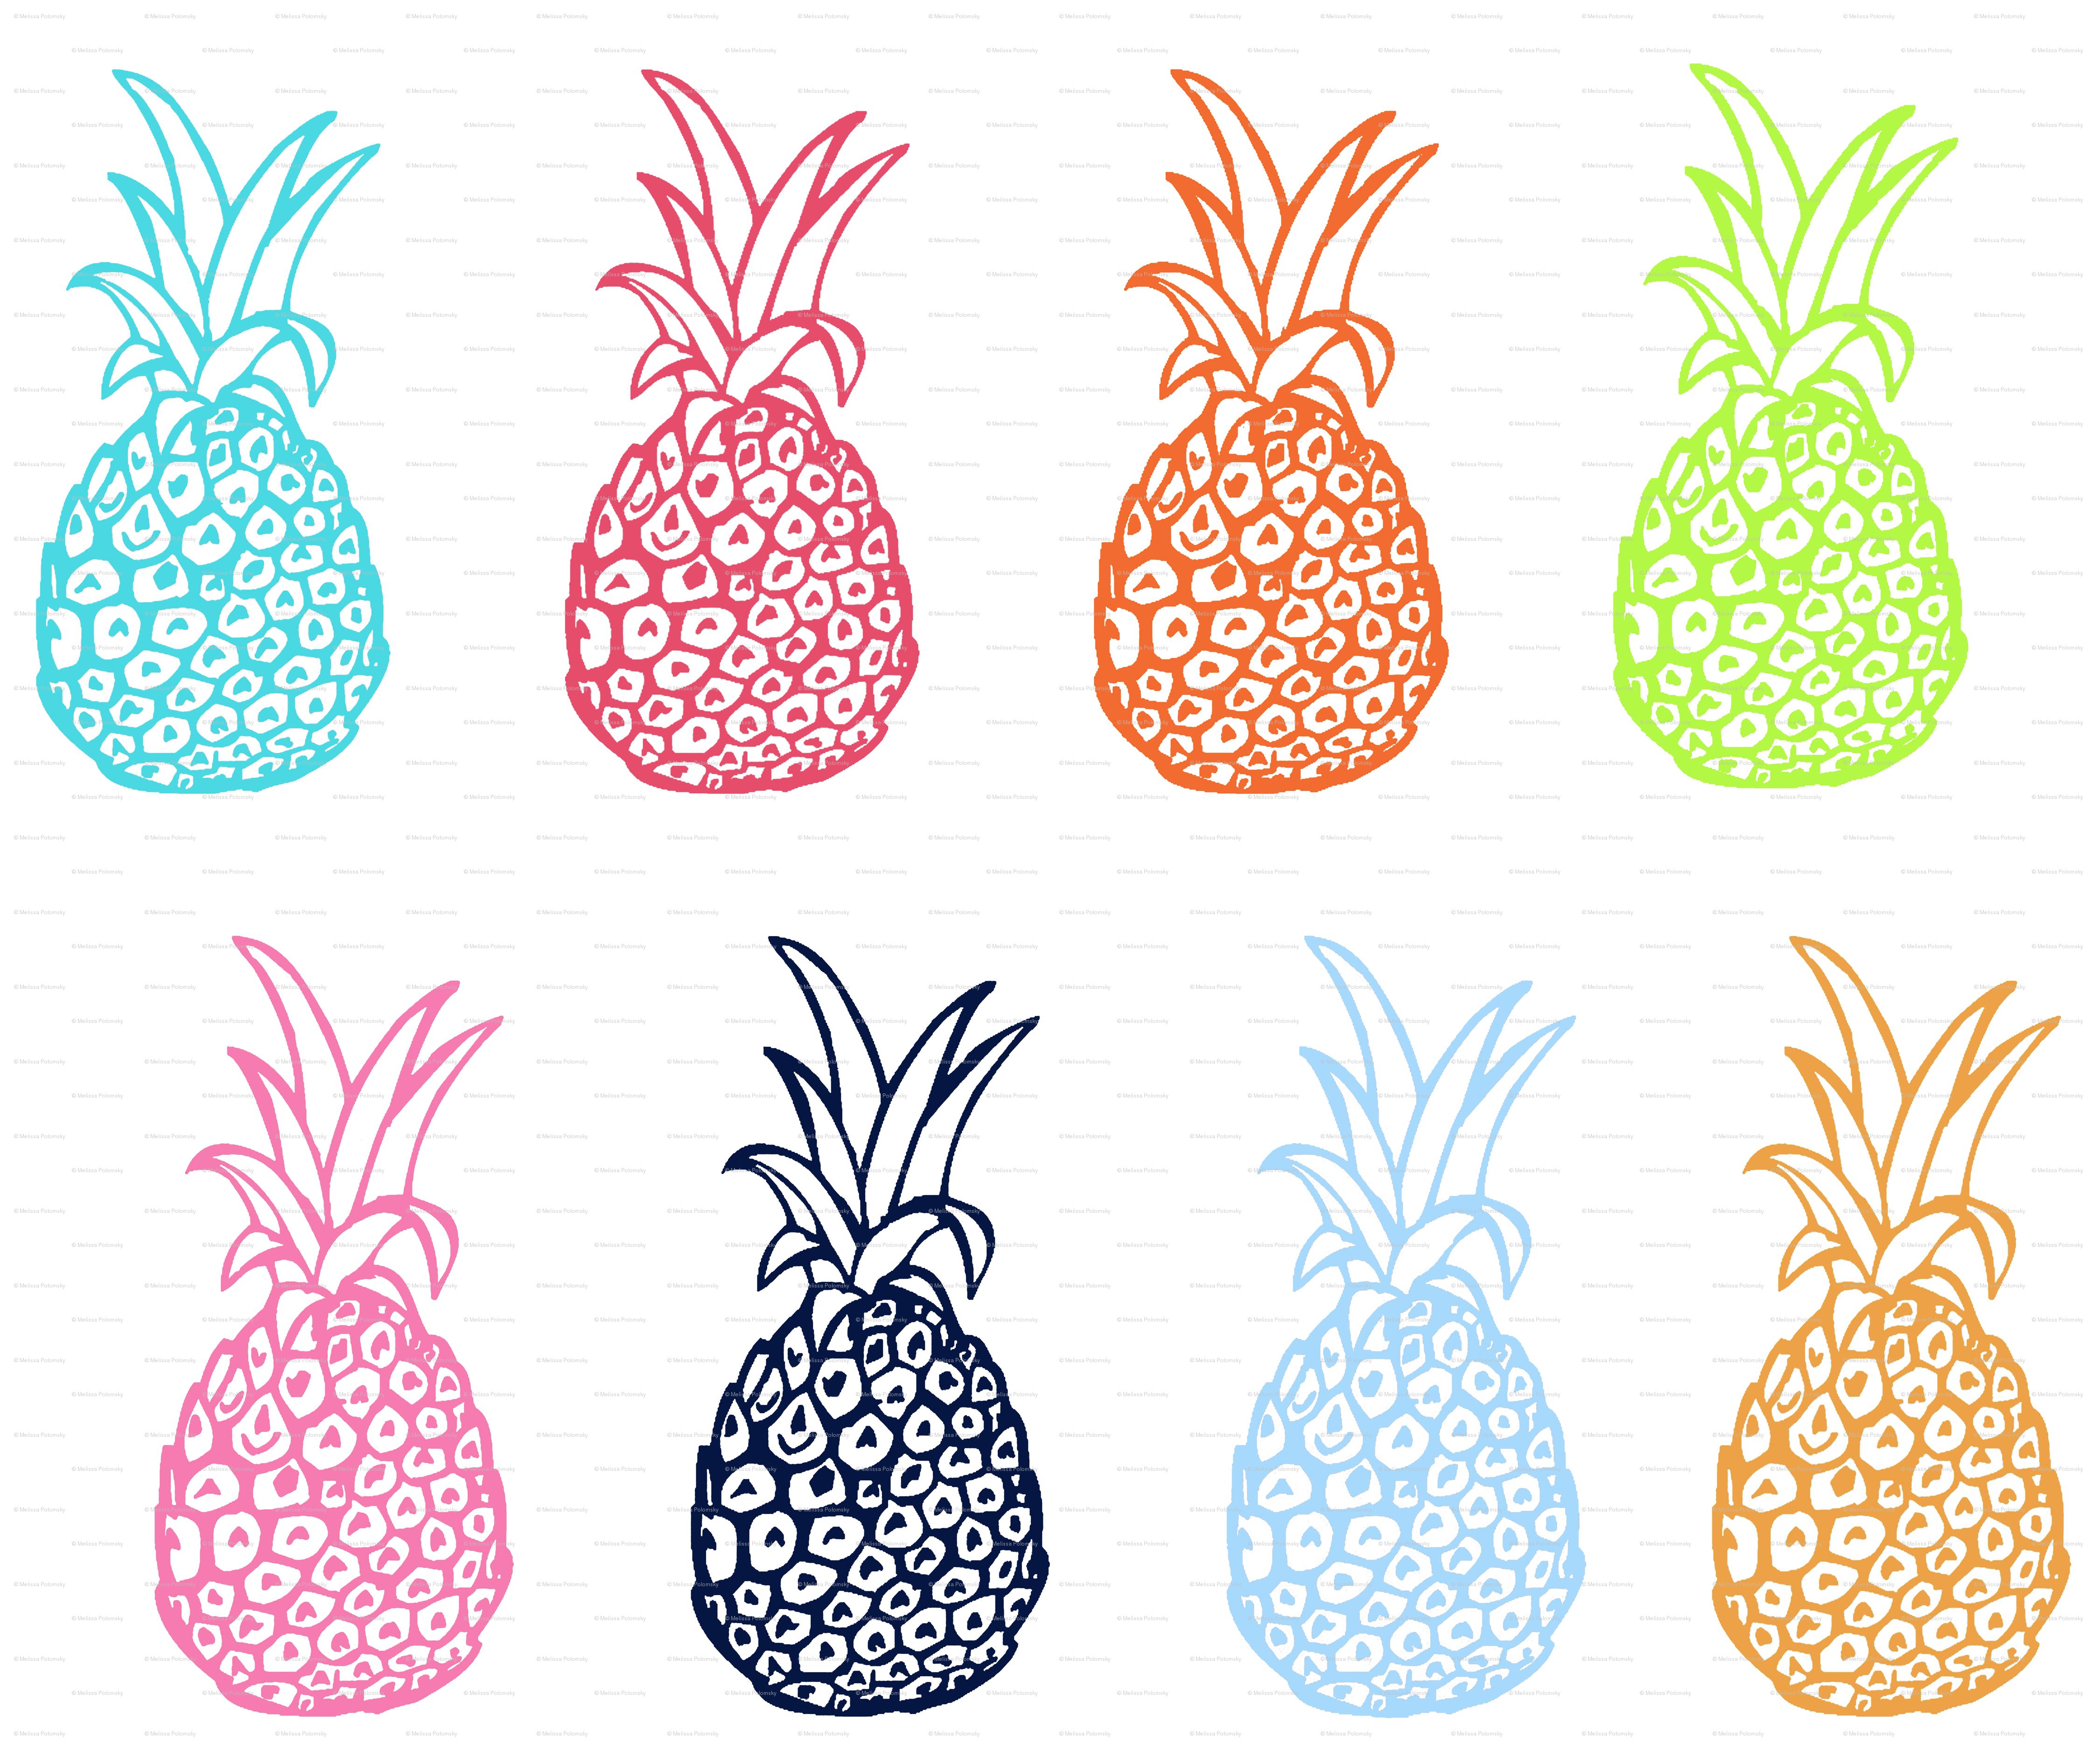 Pineapple Desktop Wallpaper - WallpaperSafari